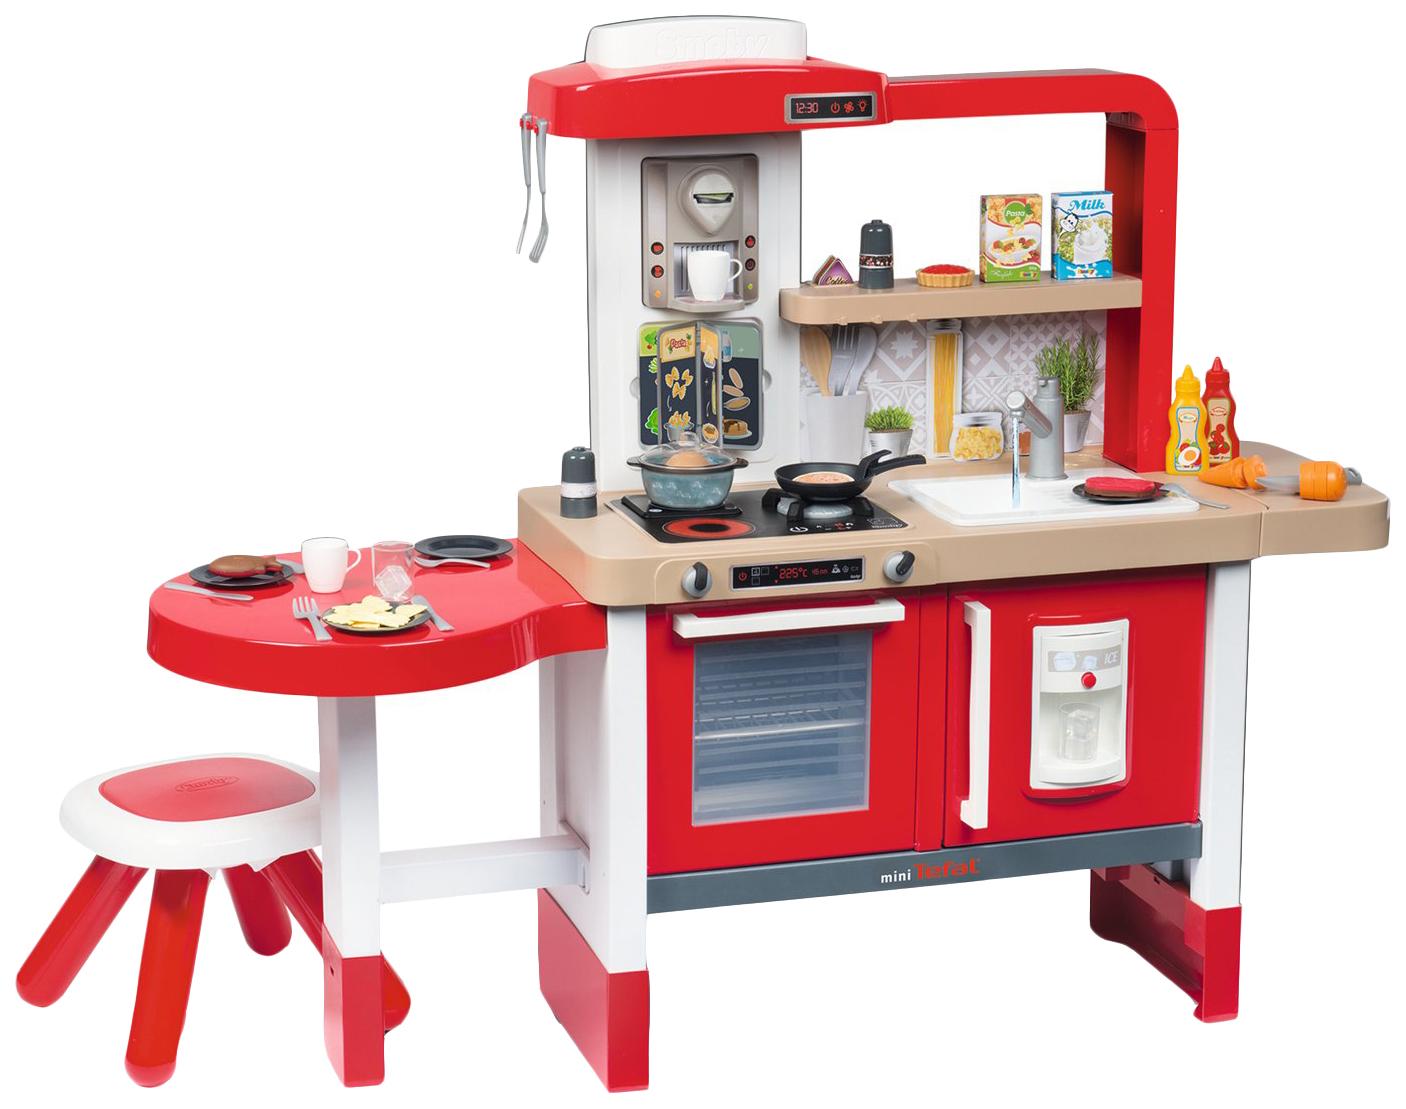 Купить Кухня детская Smoby Tefal Evolutive SM312301 134 см 43 предмета, Детская кухня